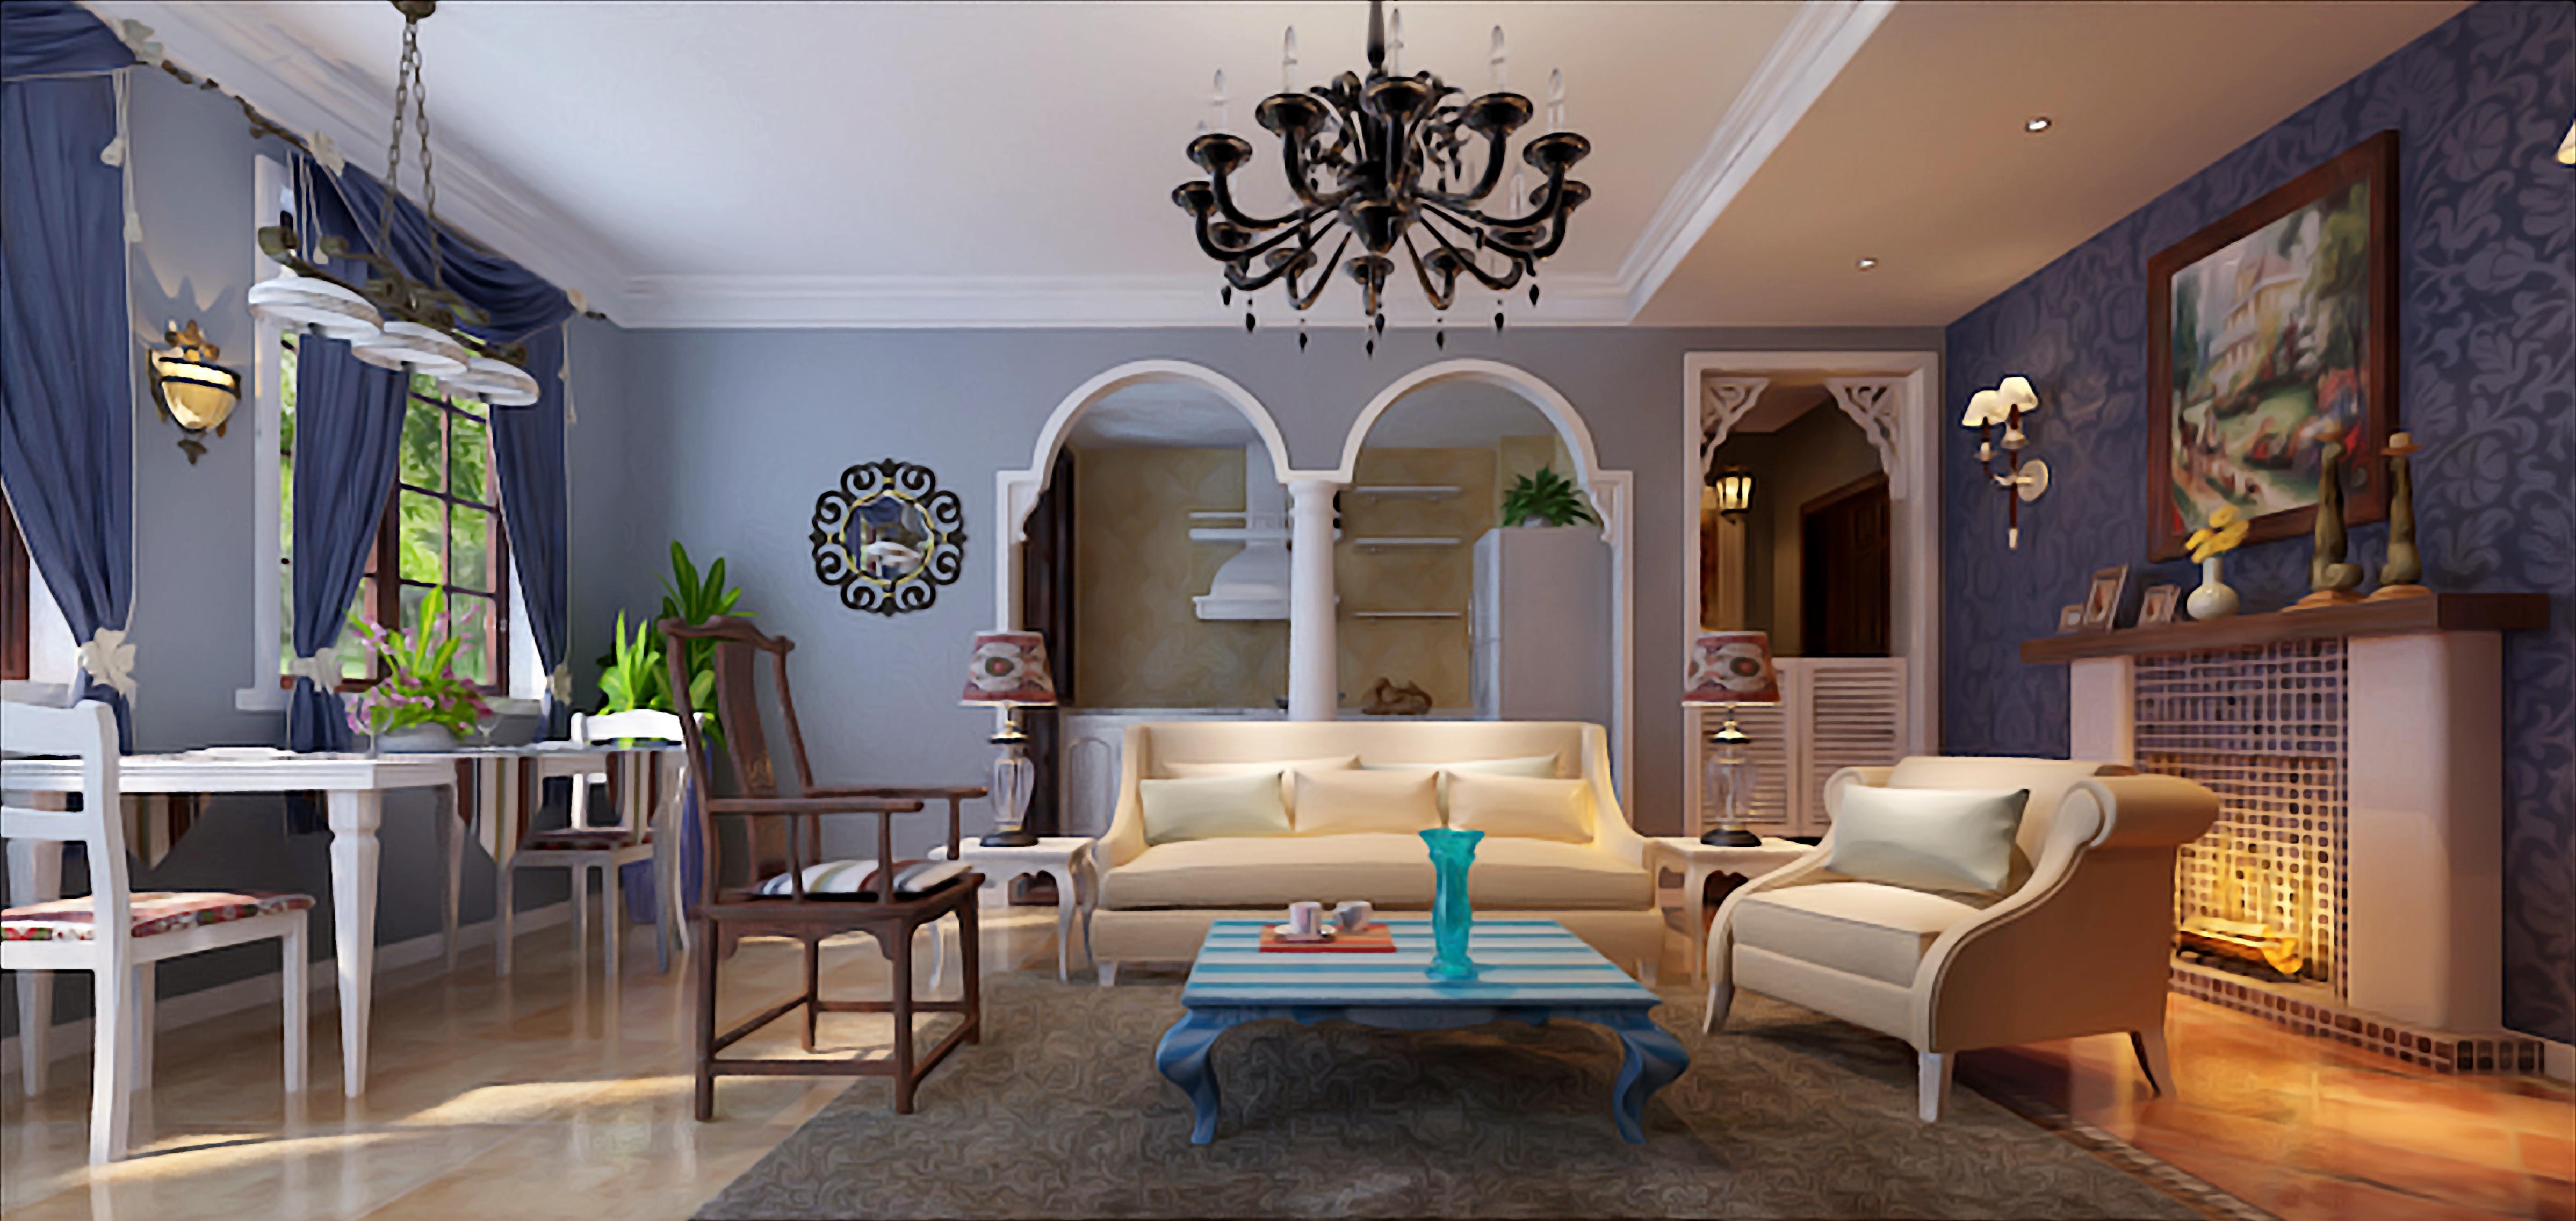 客厅图片来自上海华埔装饰郑州西区运营中心在思念果岭的分享